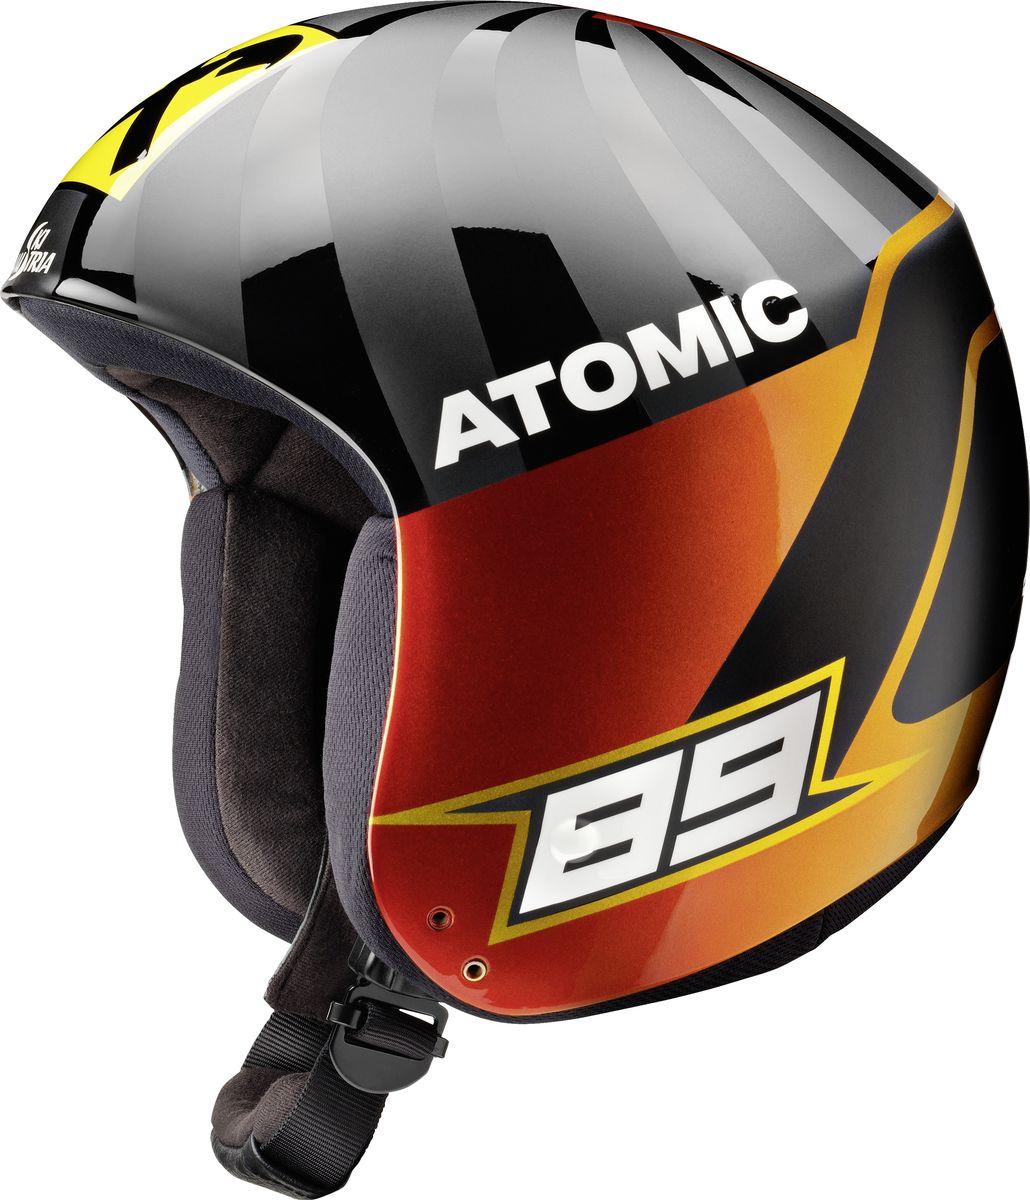 Шлем горнолыжный Atomic RedRedster Replica, цвет: черный. Размер M (56-59)